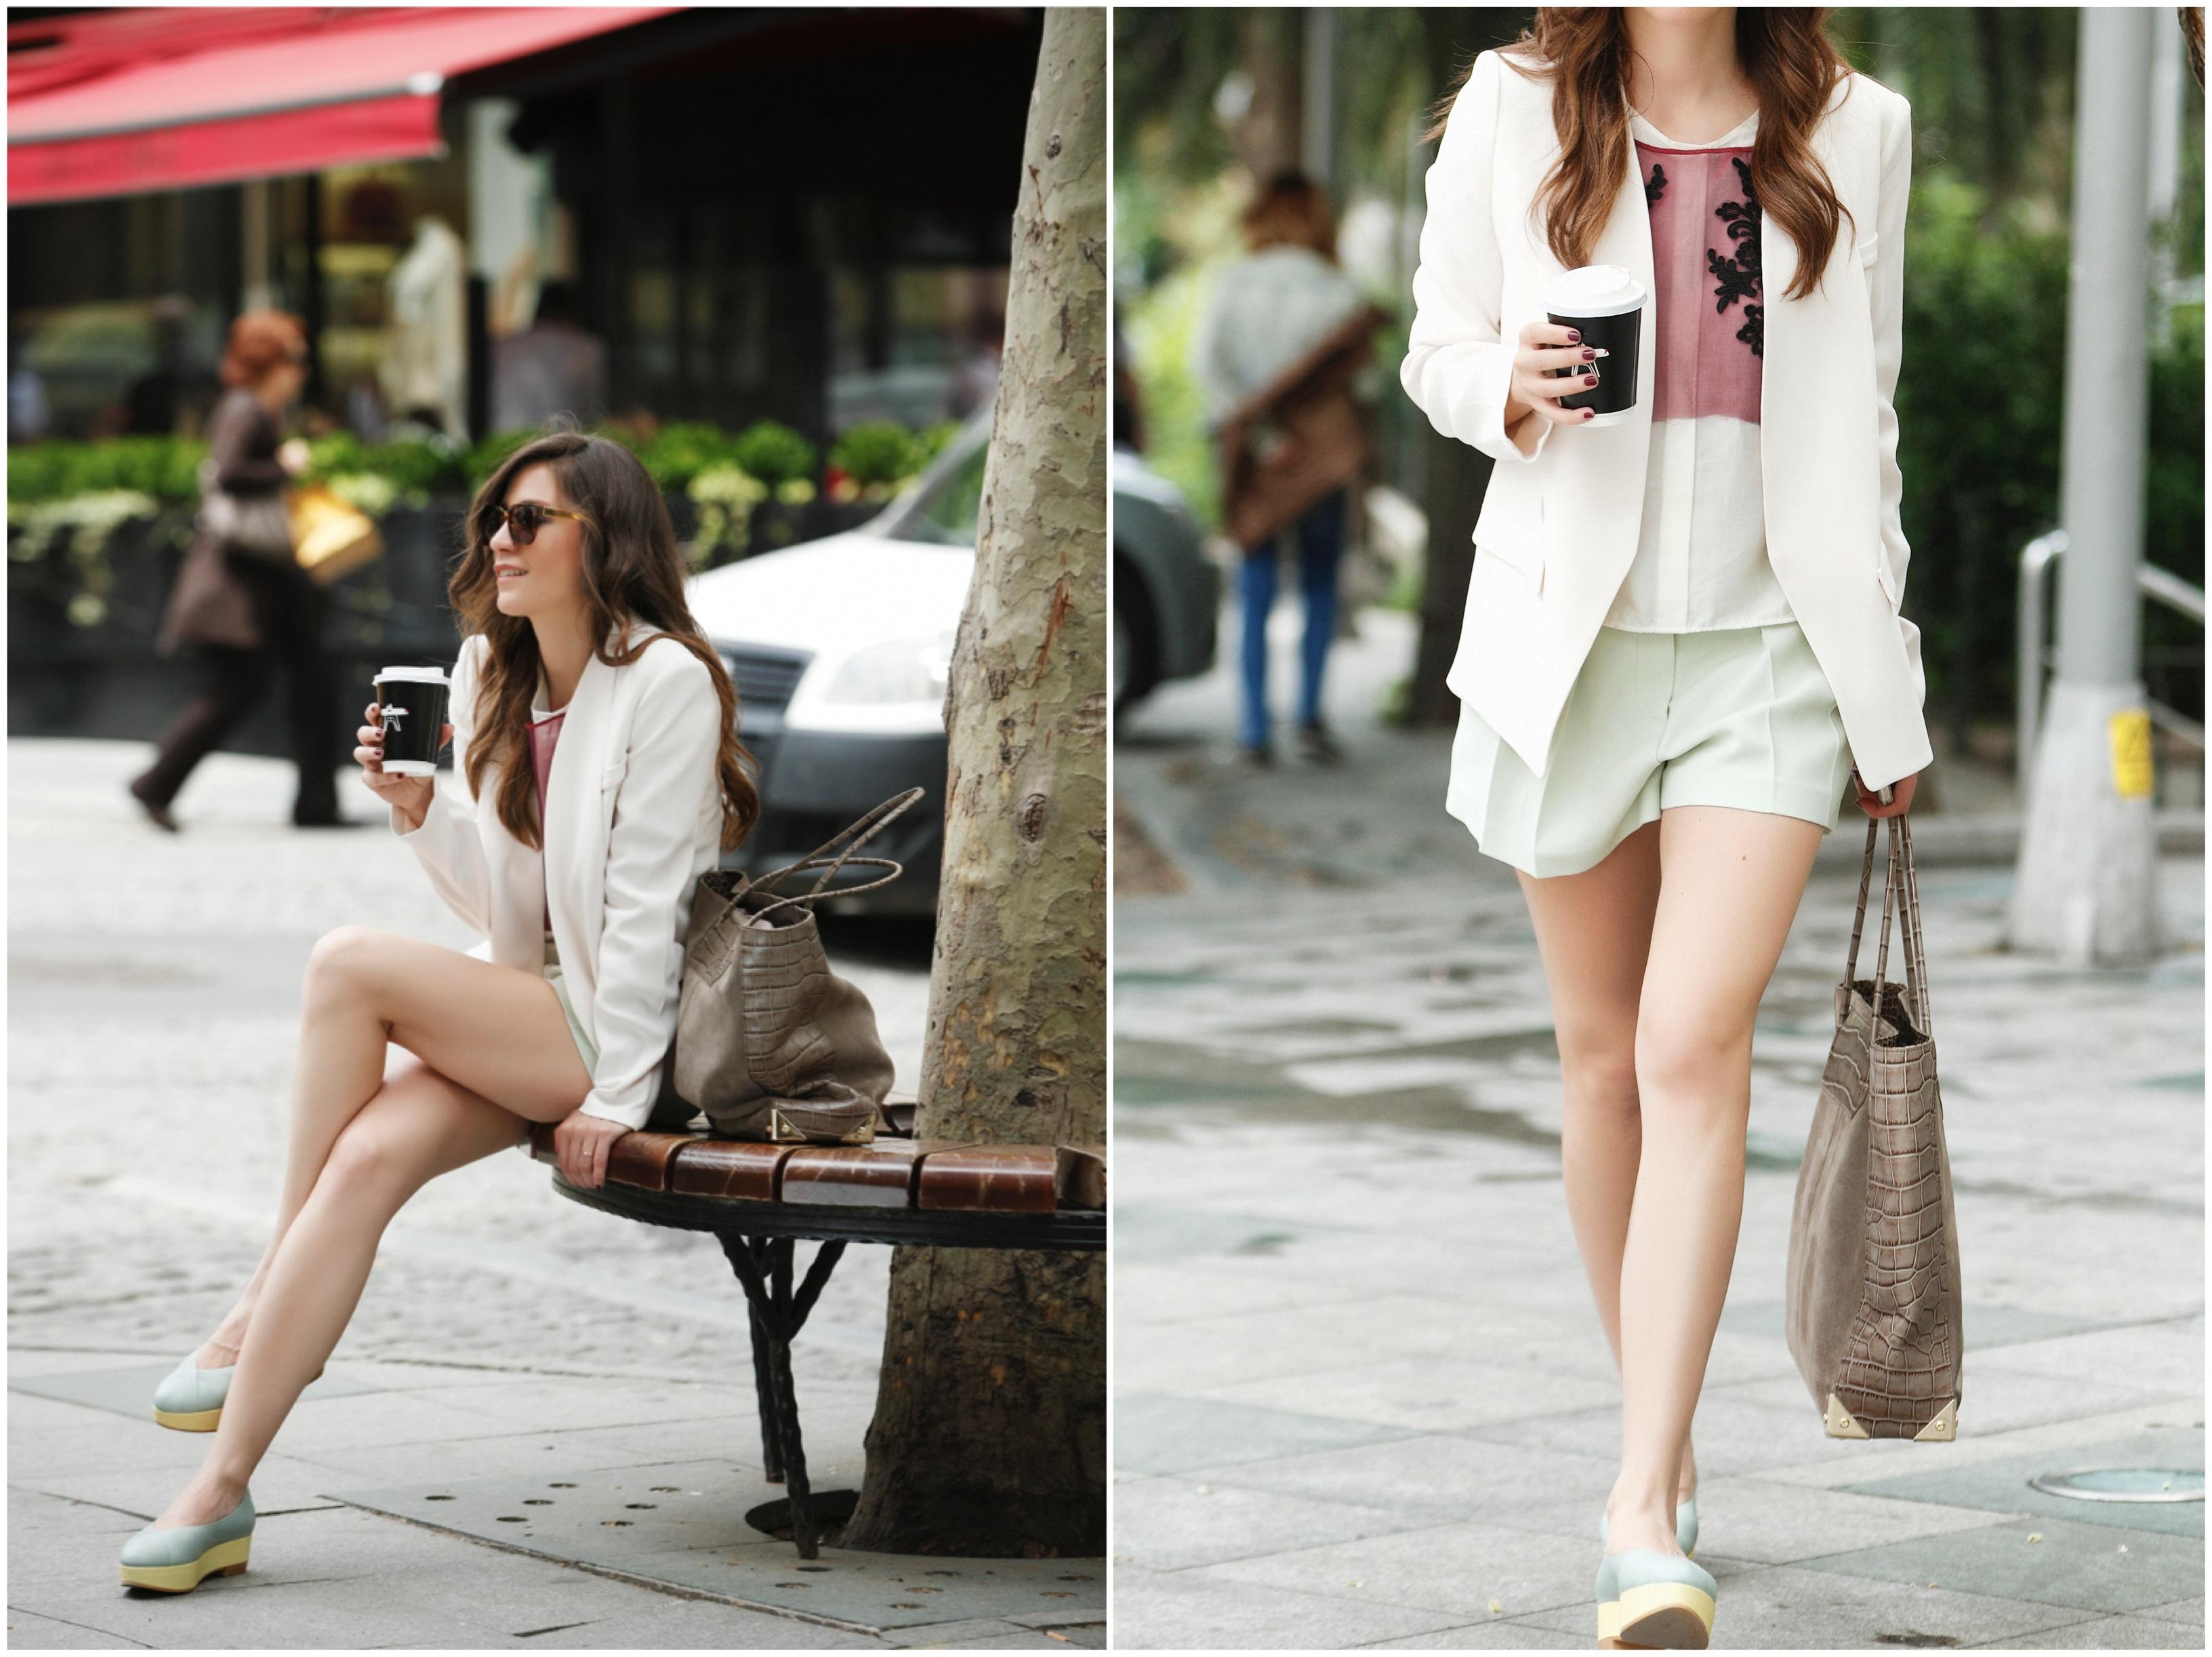 off ne giysem, women's health, basında off ne giysem, street style, billur saatci